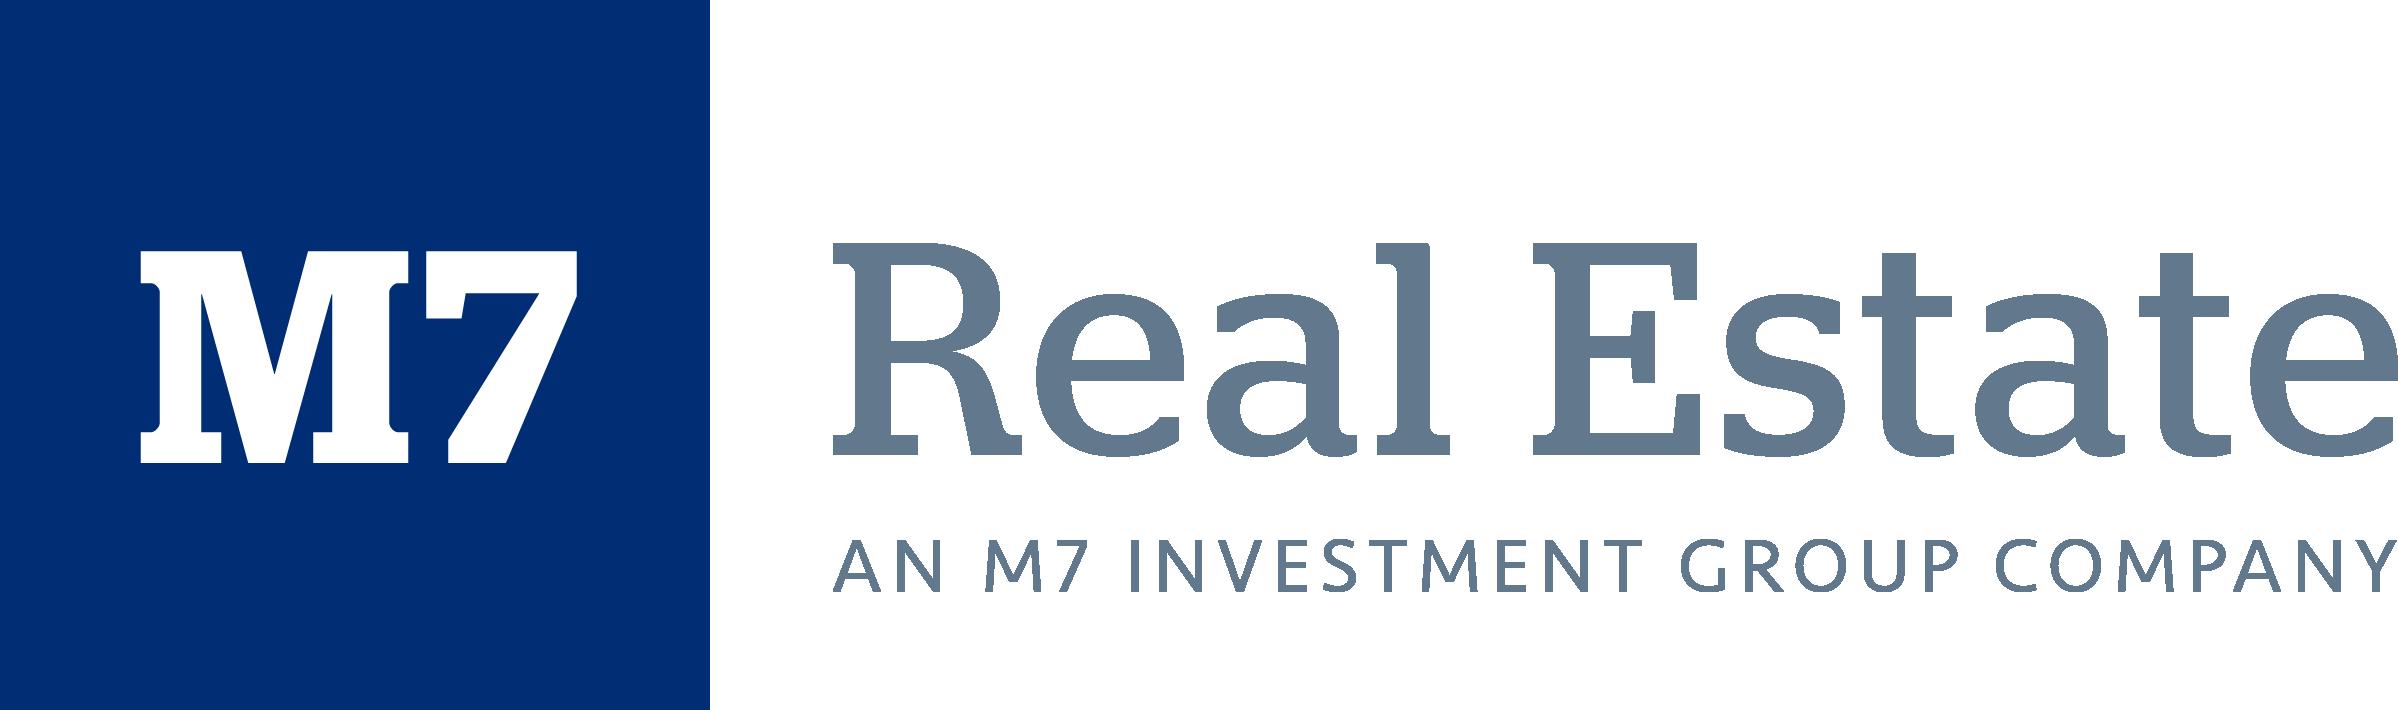 M7 Real Estate logo